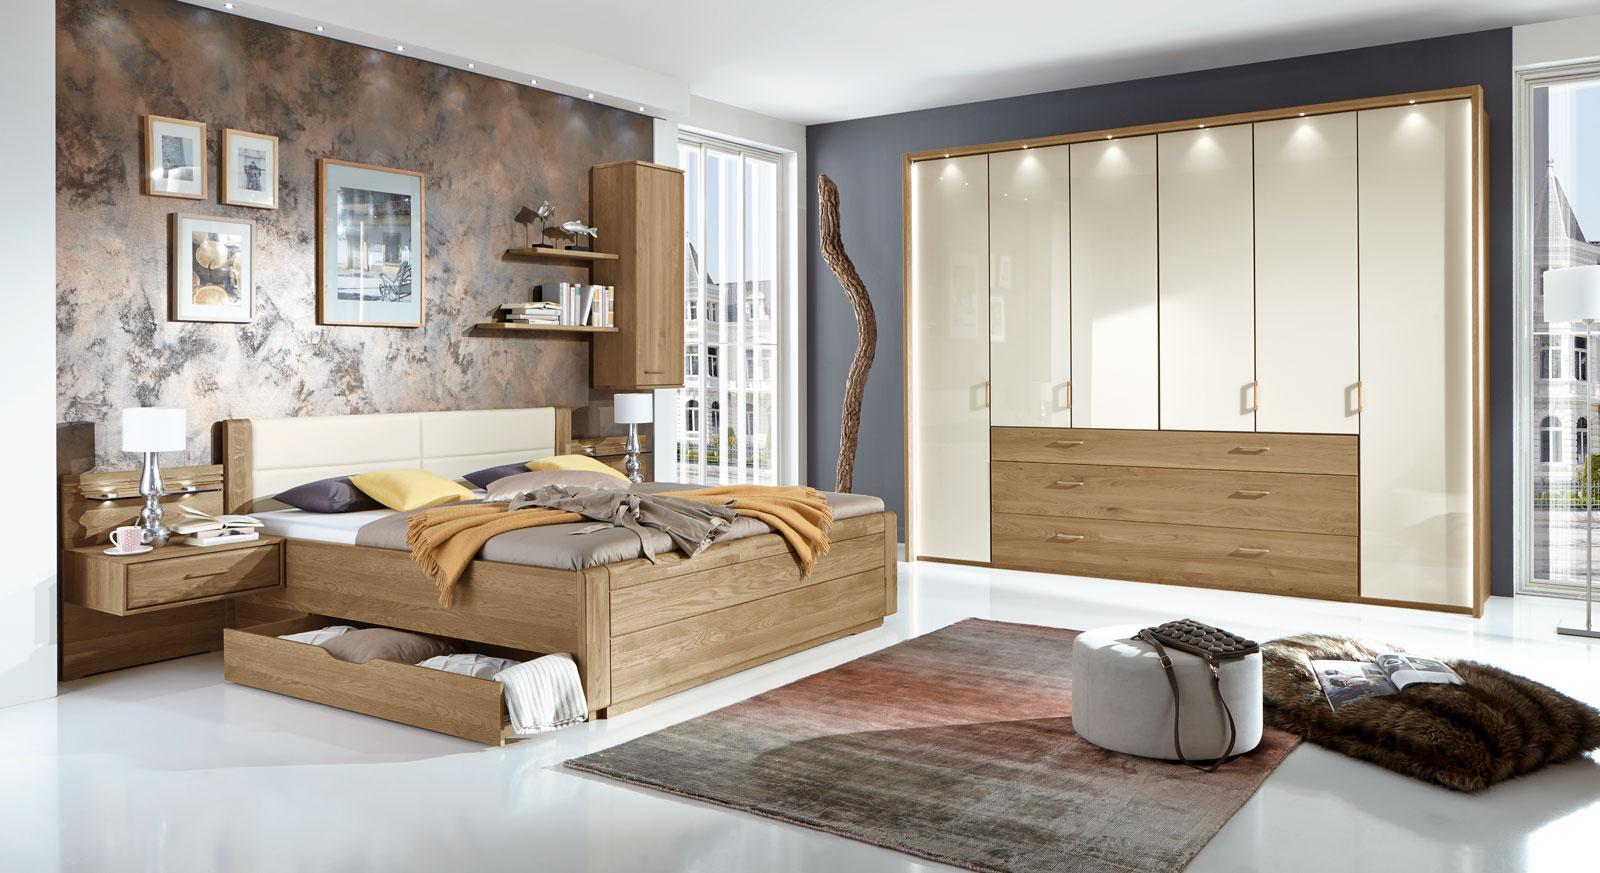 Modernes Schlafzimmer Komplett - Die besten Ideen für das ...